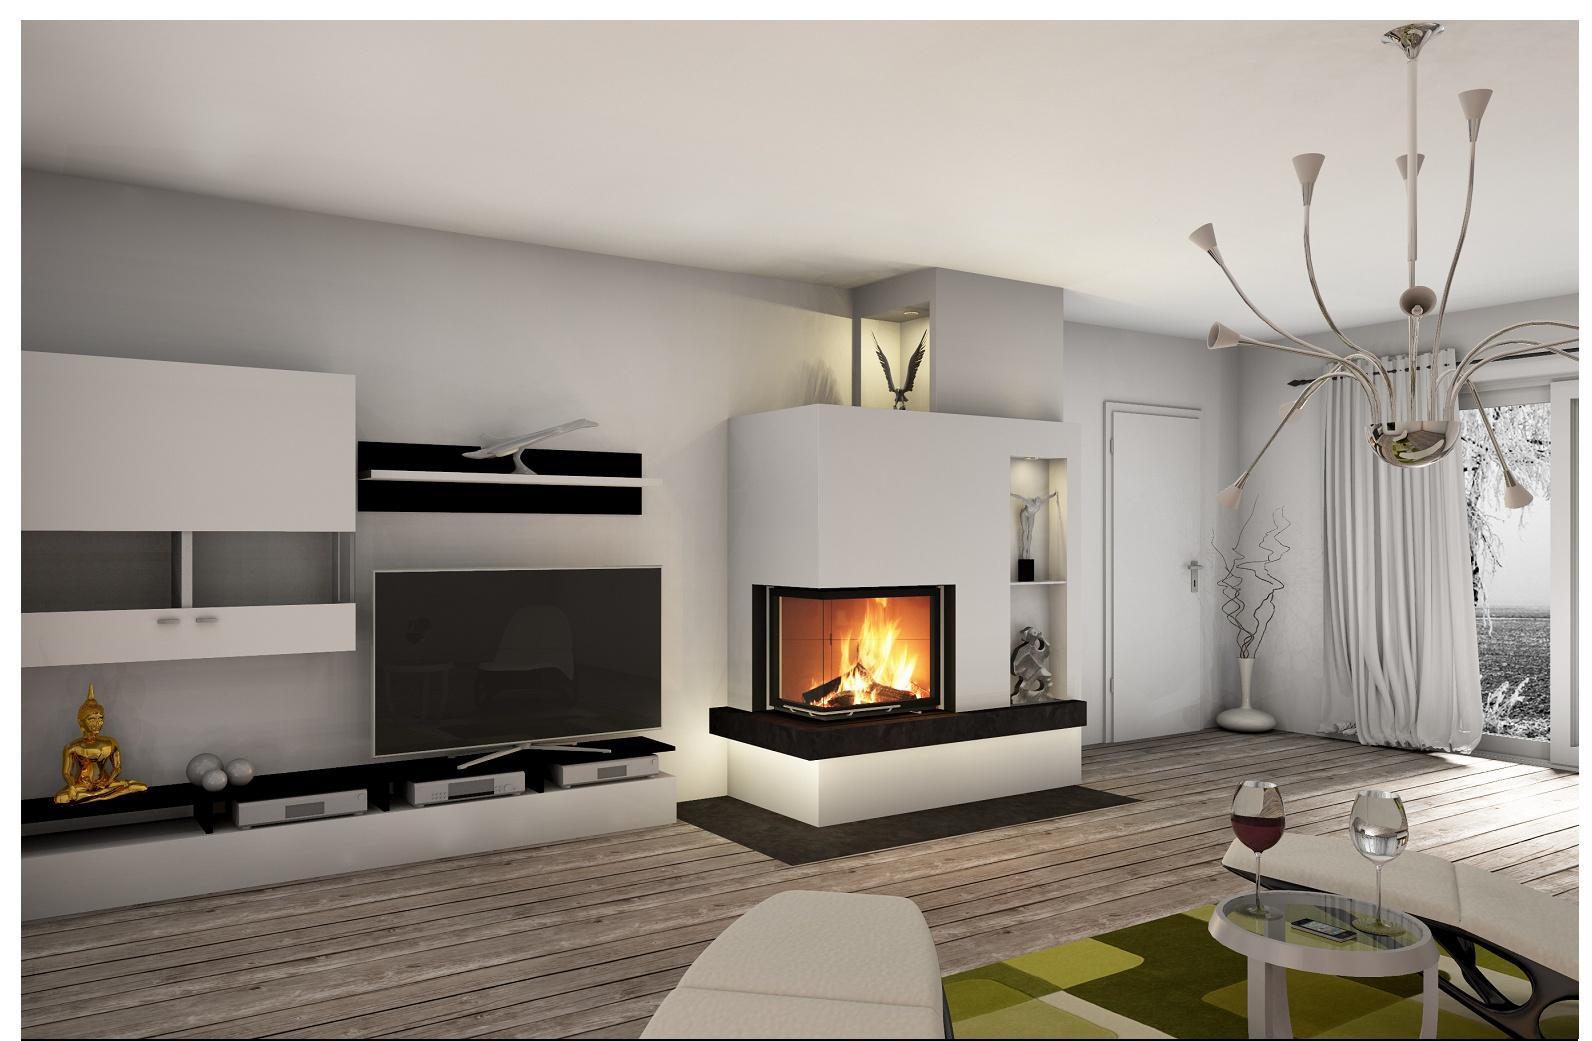 Das Wohnzimmer mit Kamin oder Ofen gestalten - Ideen für ein